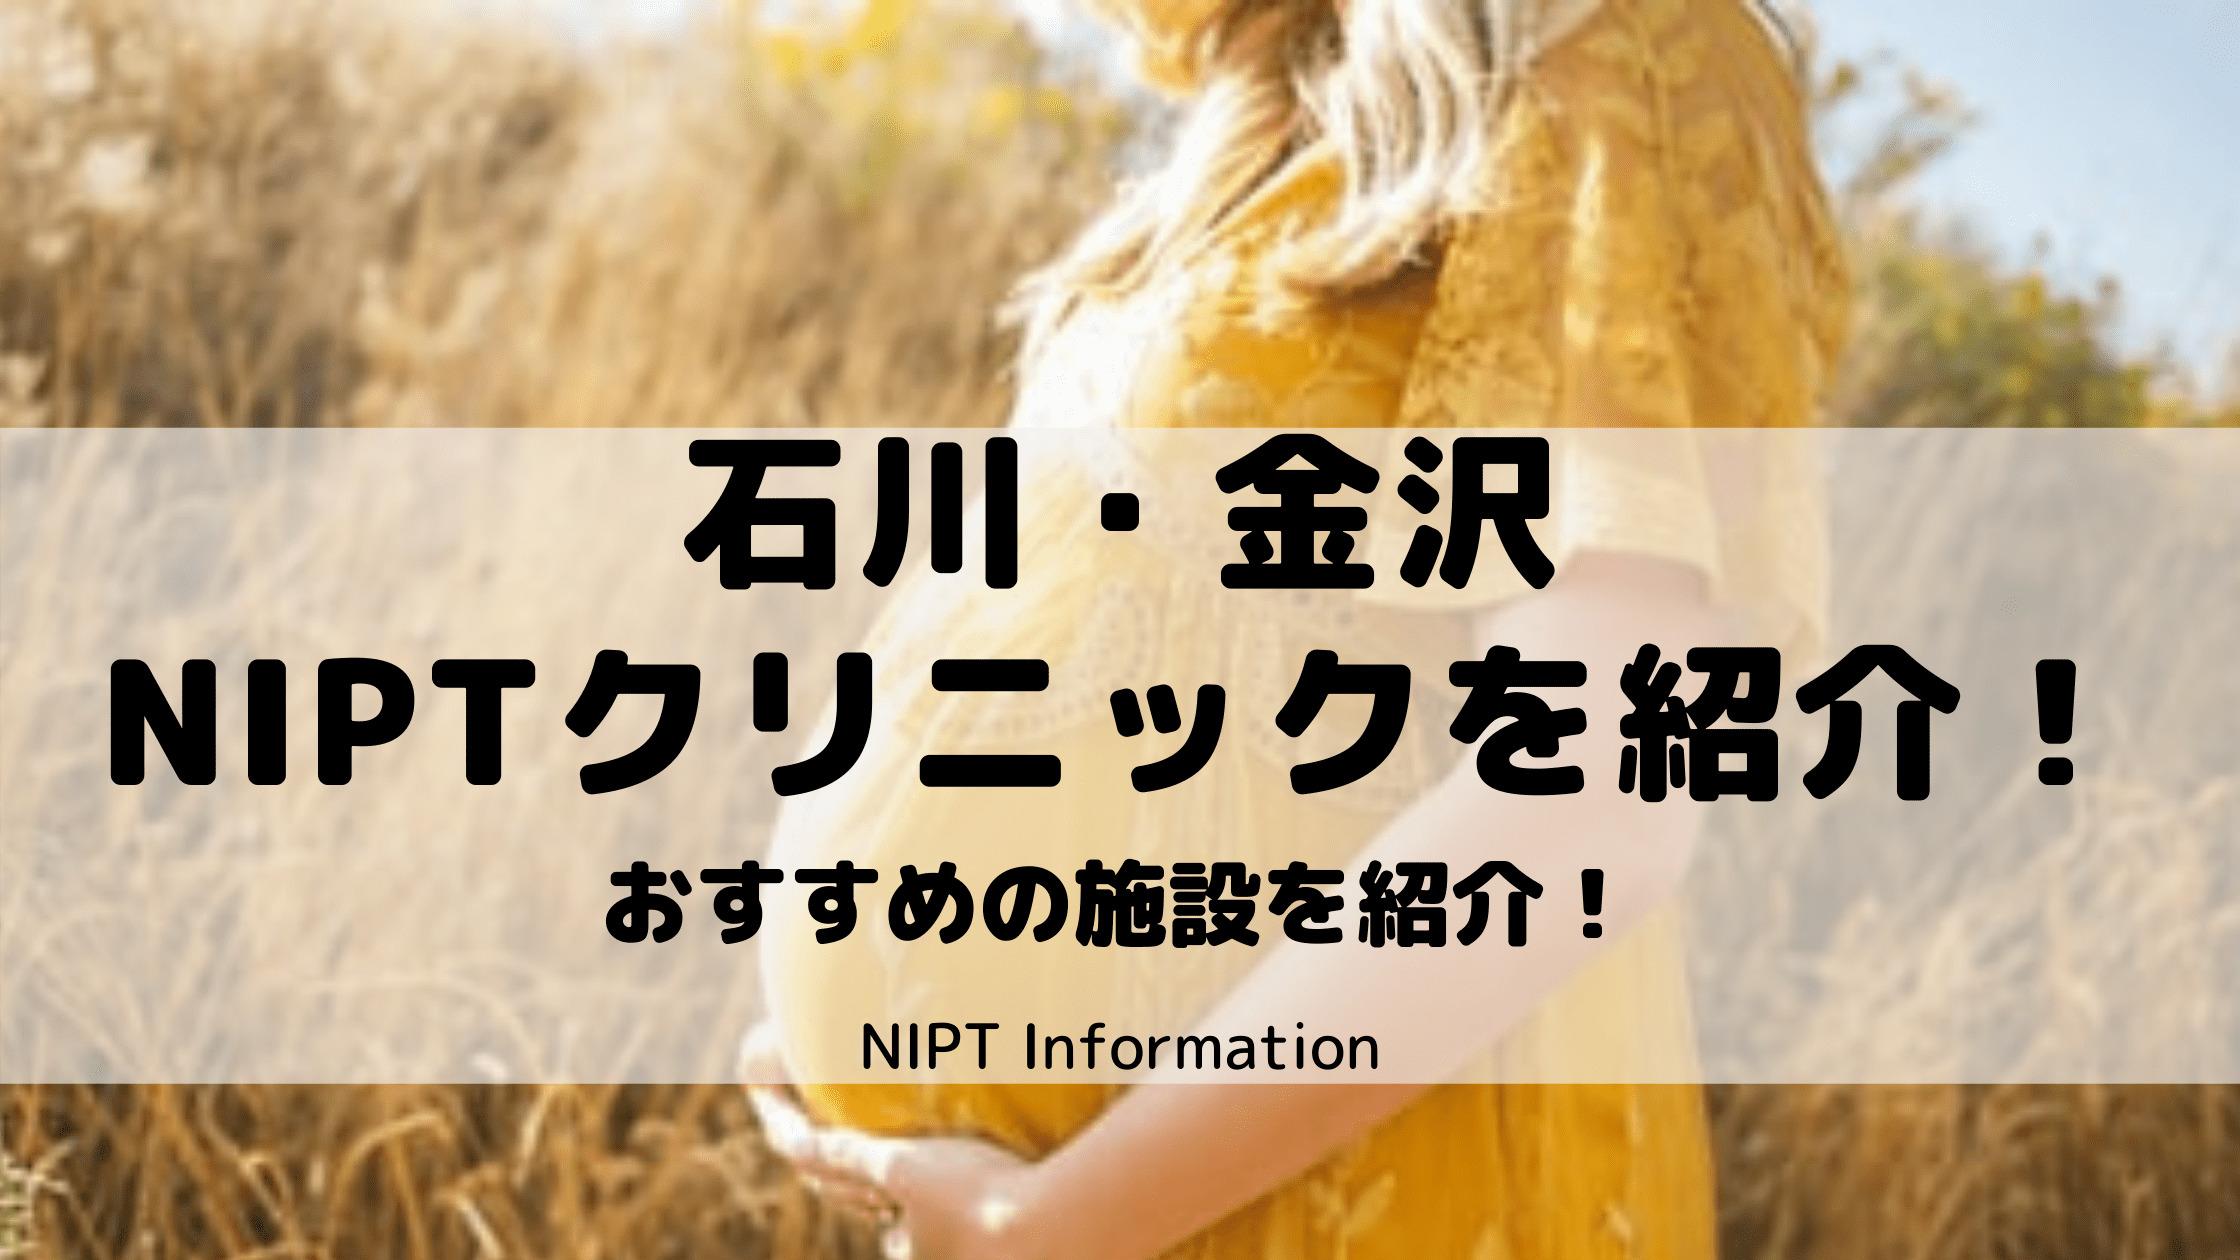 石川県・金沢にあるNIPT認可病院を紹介【受診の条件も解説】-min